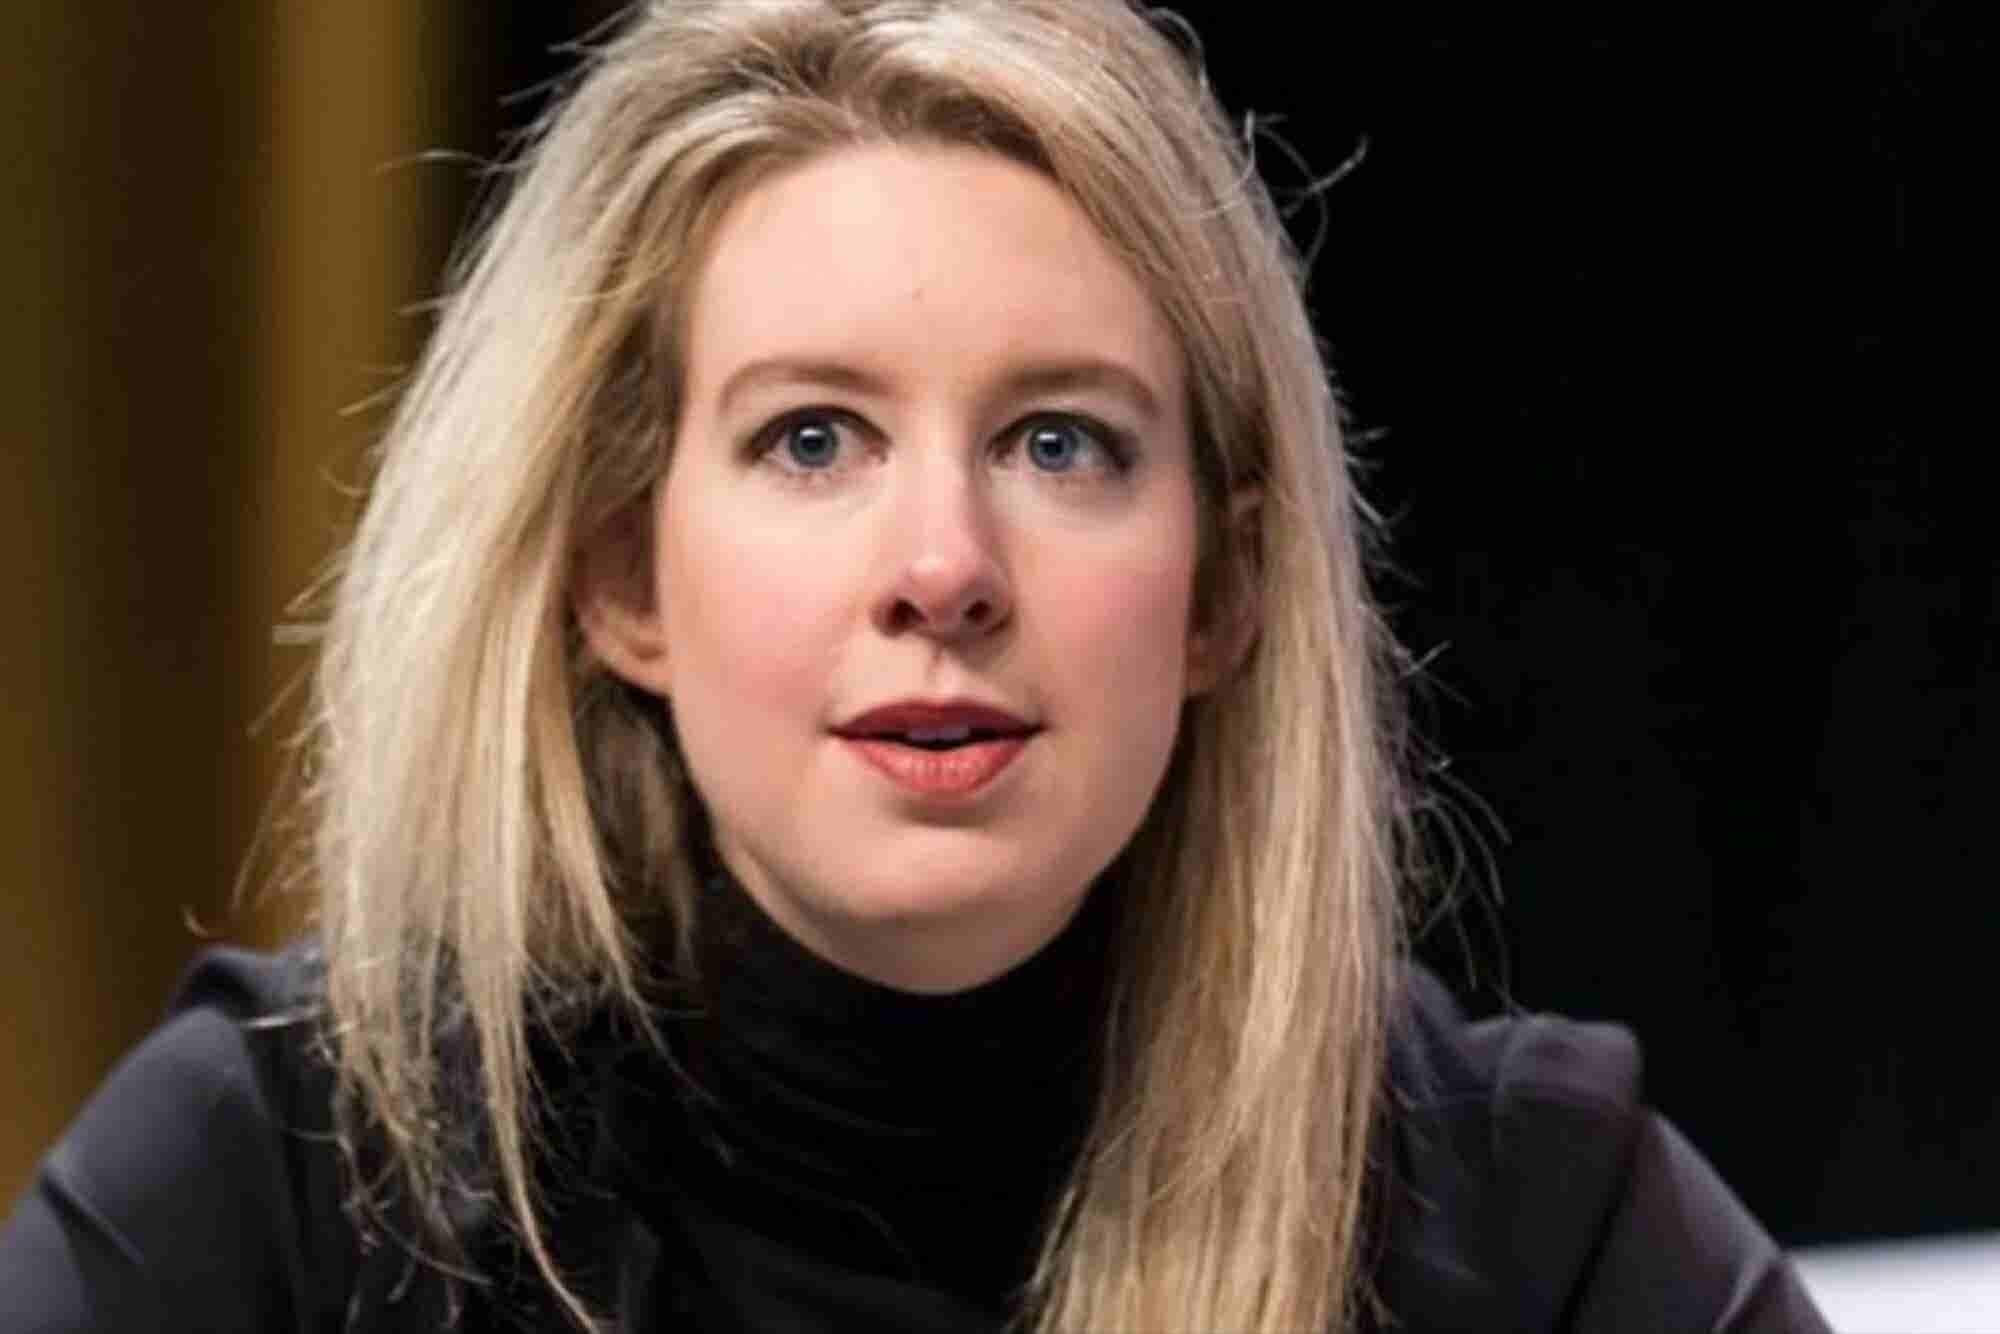 La ex promesa de Silicon Valley que ahora enfrenta 20 años de cárcel